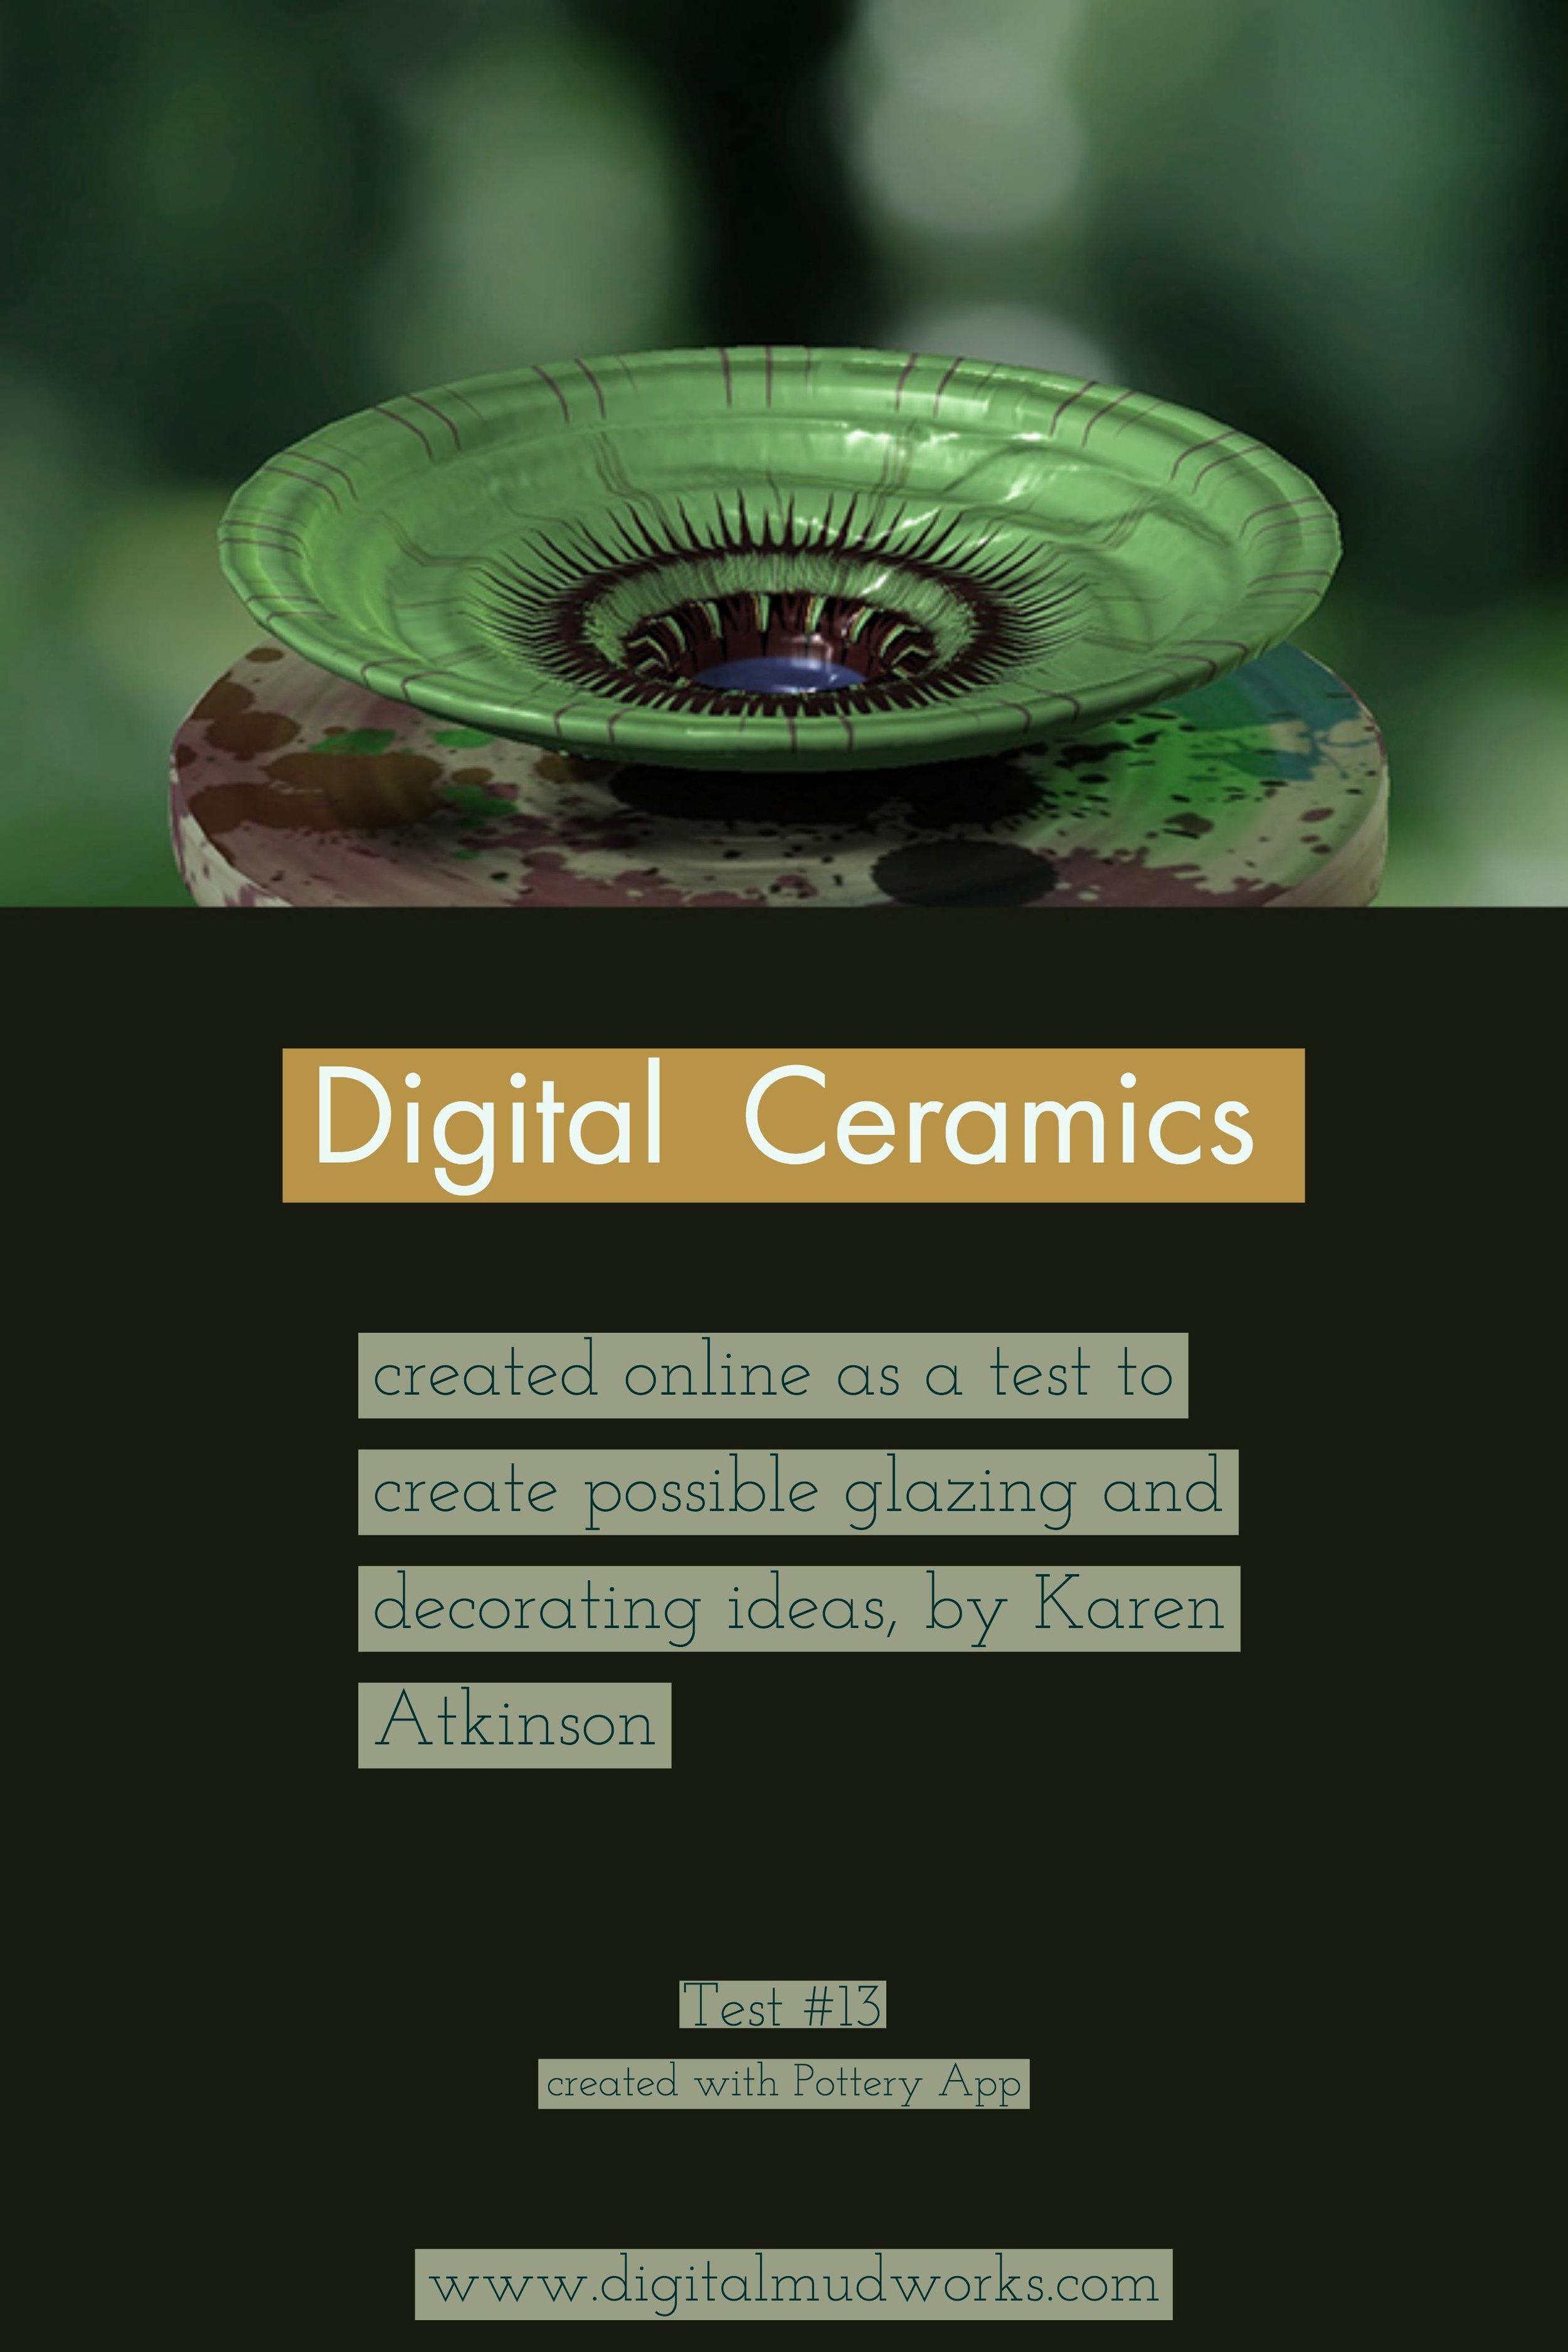 Digital Ceramics Test 013, using a computer app to do glaze and design tests. by Karen Atkinson